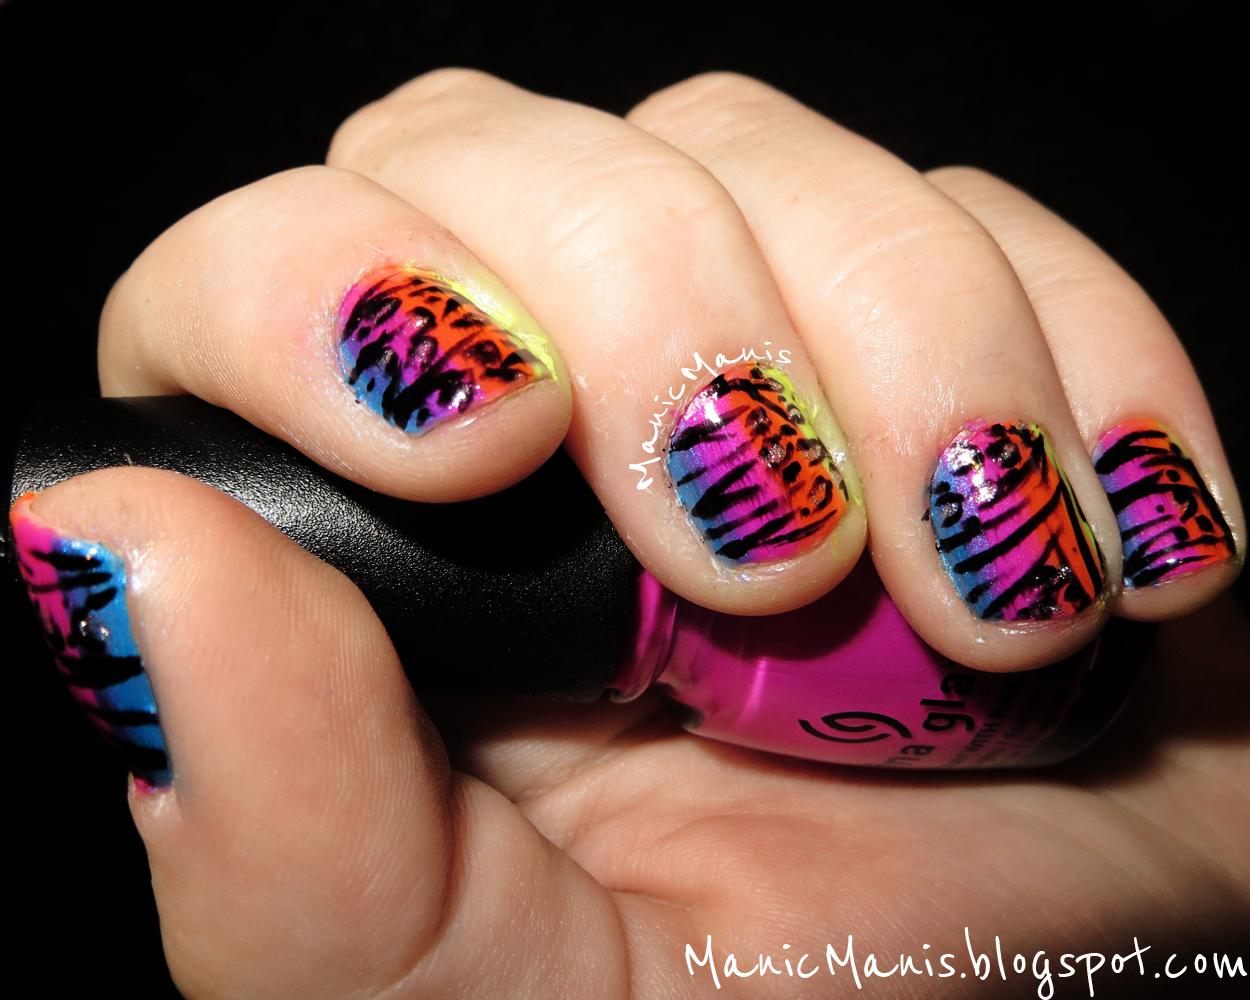 The Enchanting Cheetah print pink nail designs Digital Imagery